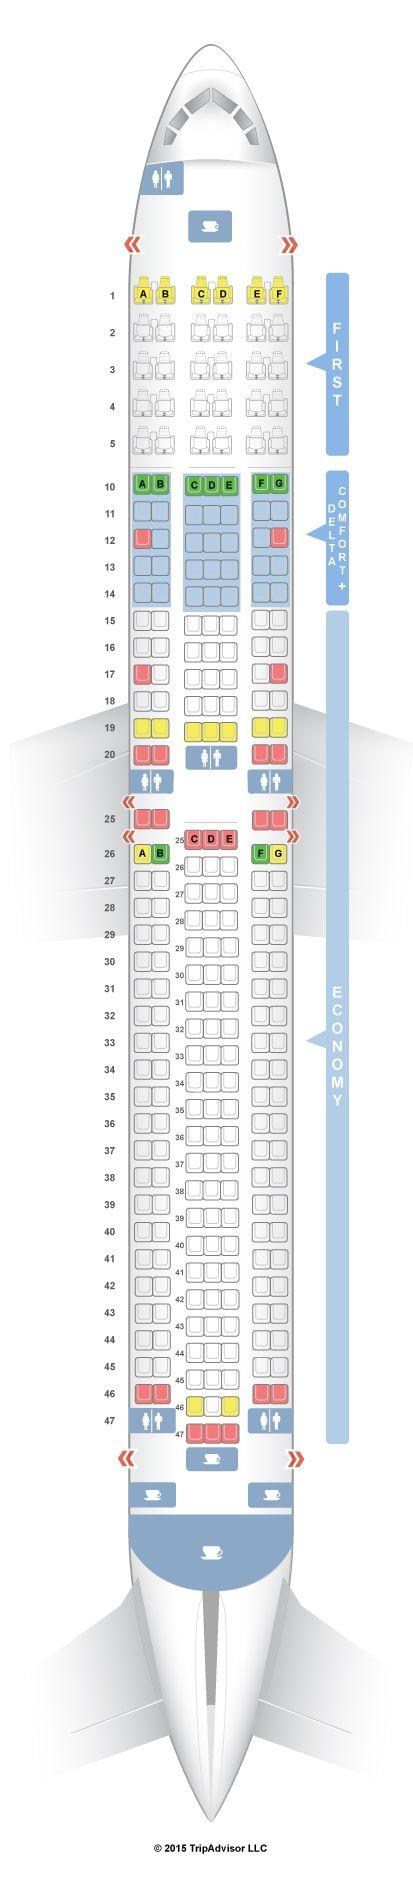 SeatGuru Seat Map Delta Boeing 767-300 (76P/76Q) - SeatGuru ... on delta boeing 767-400, boeing 767 business seat map, delta boeing 747 seat map, delta 757 seat map, delta airlines seat map, delta boeing 777-300er seat map, united airlines 767 seat map, delta 767-400er seat map, delta seating chart,